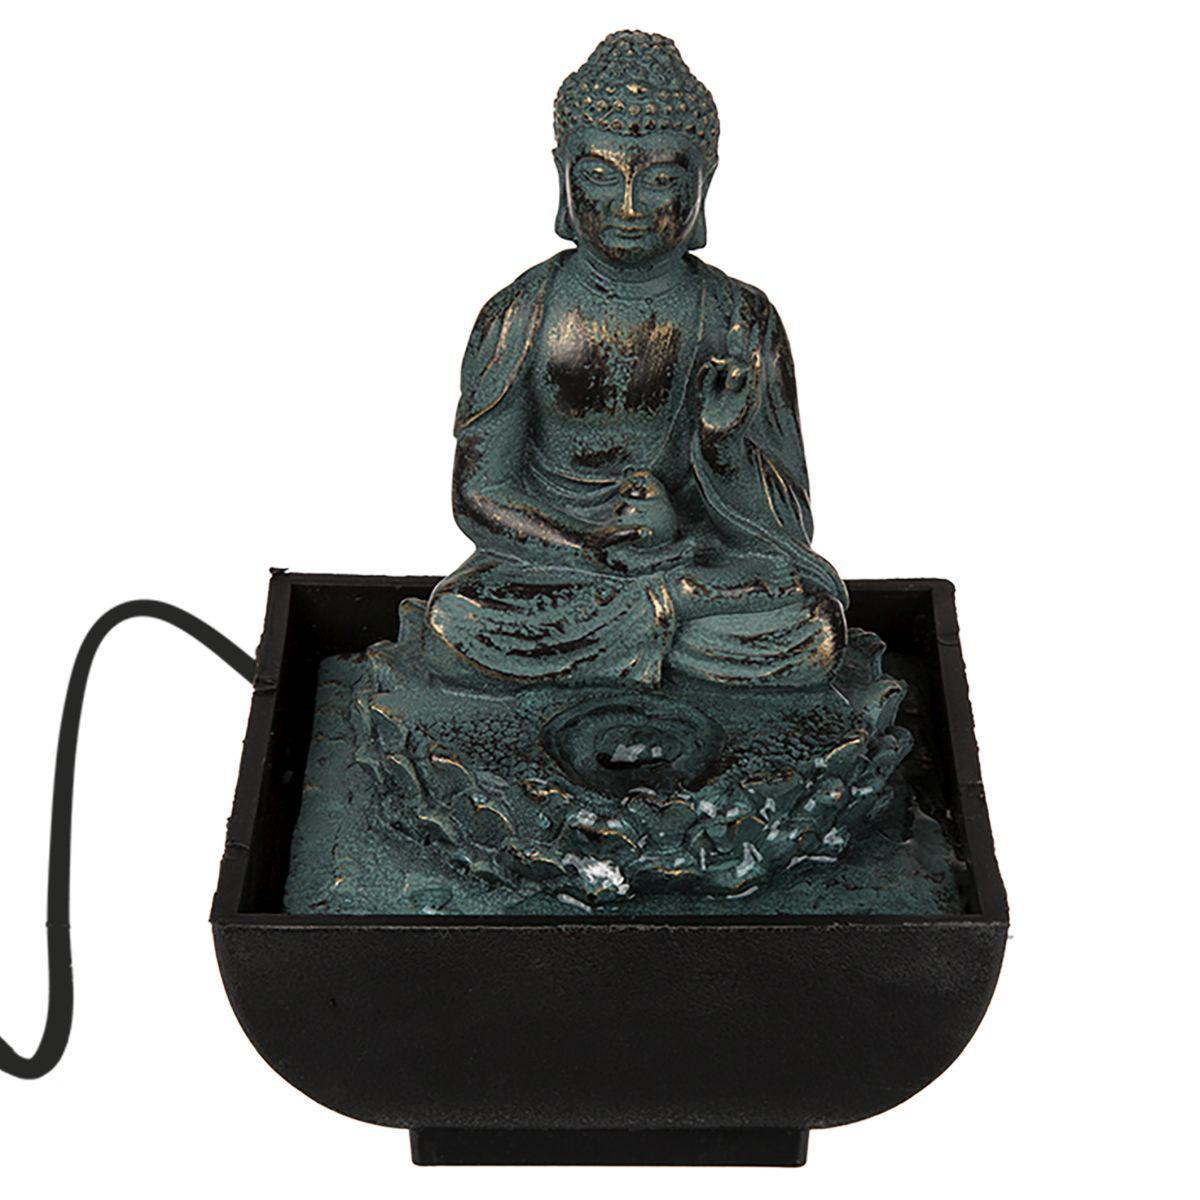 Tischbrunnen Buddha Sitzend